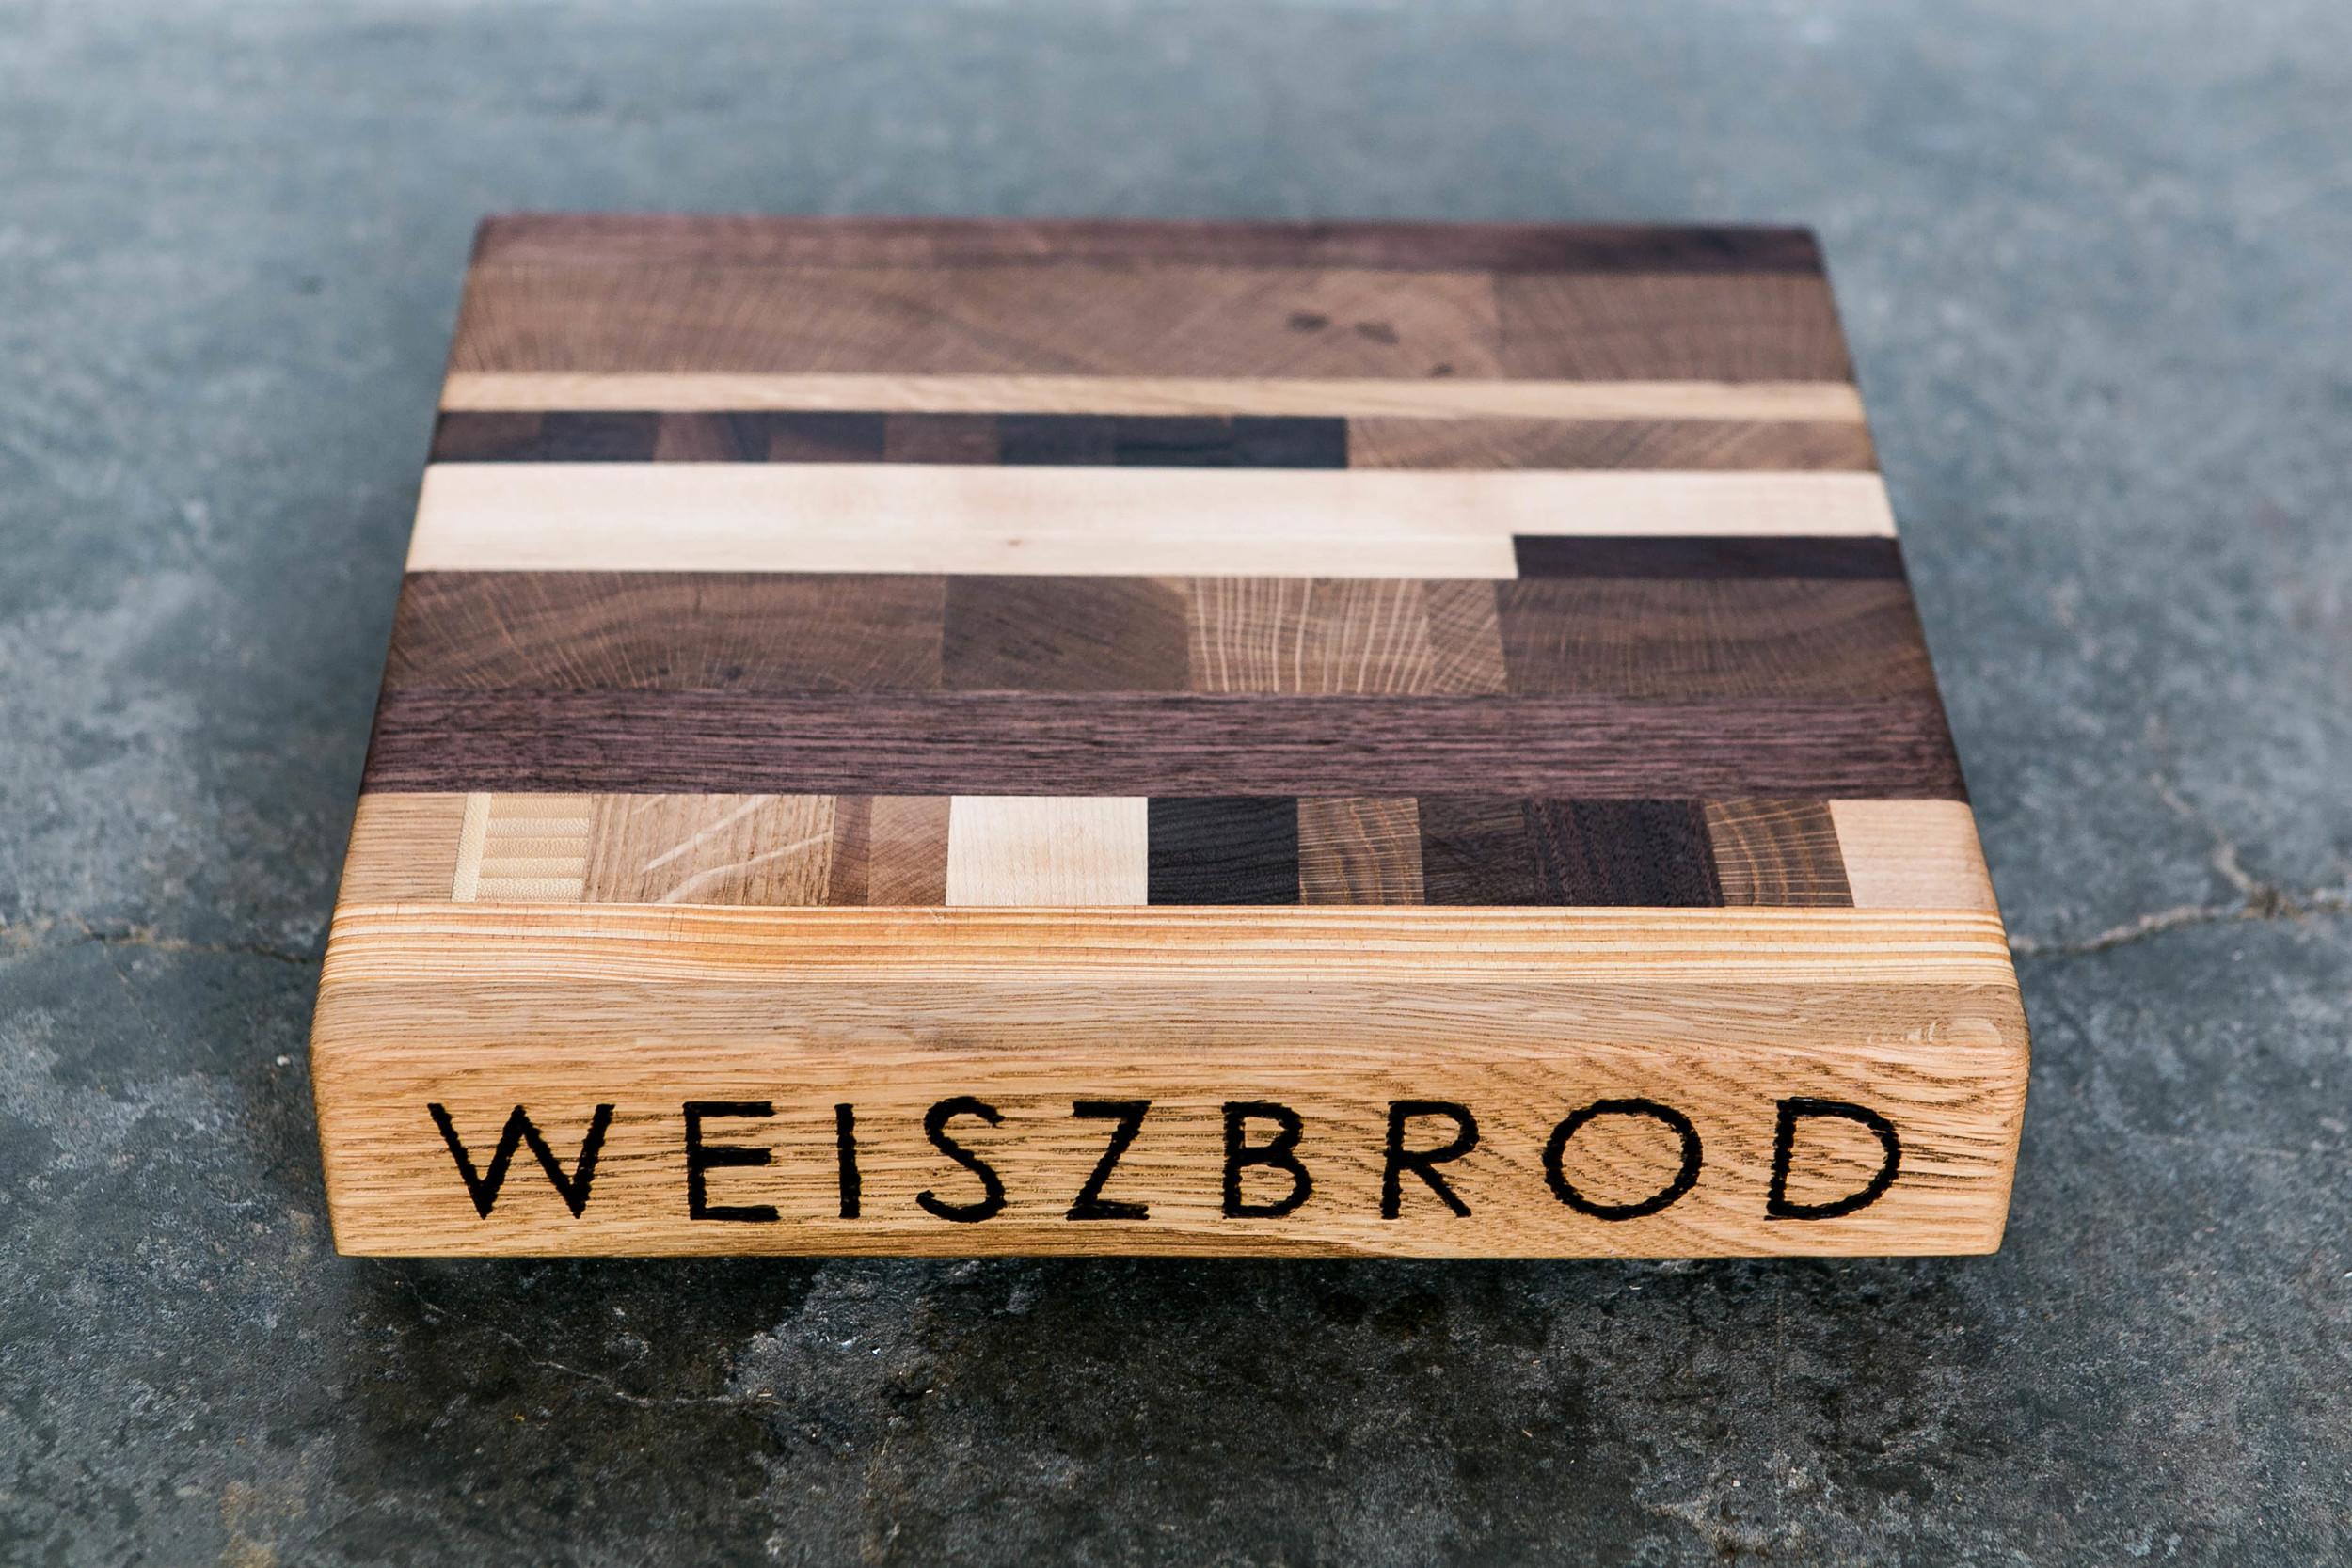 Weiszbrod